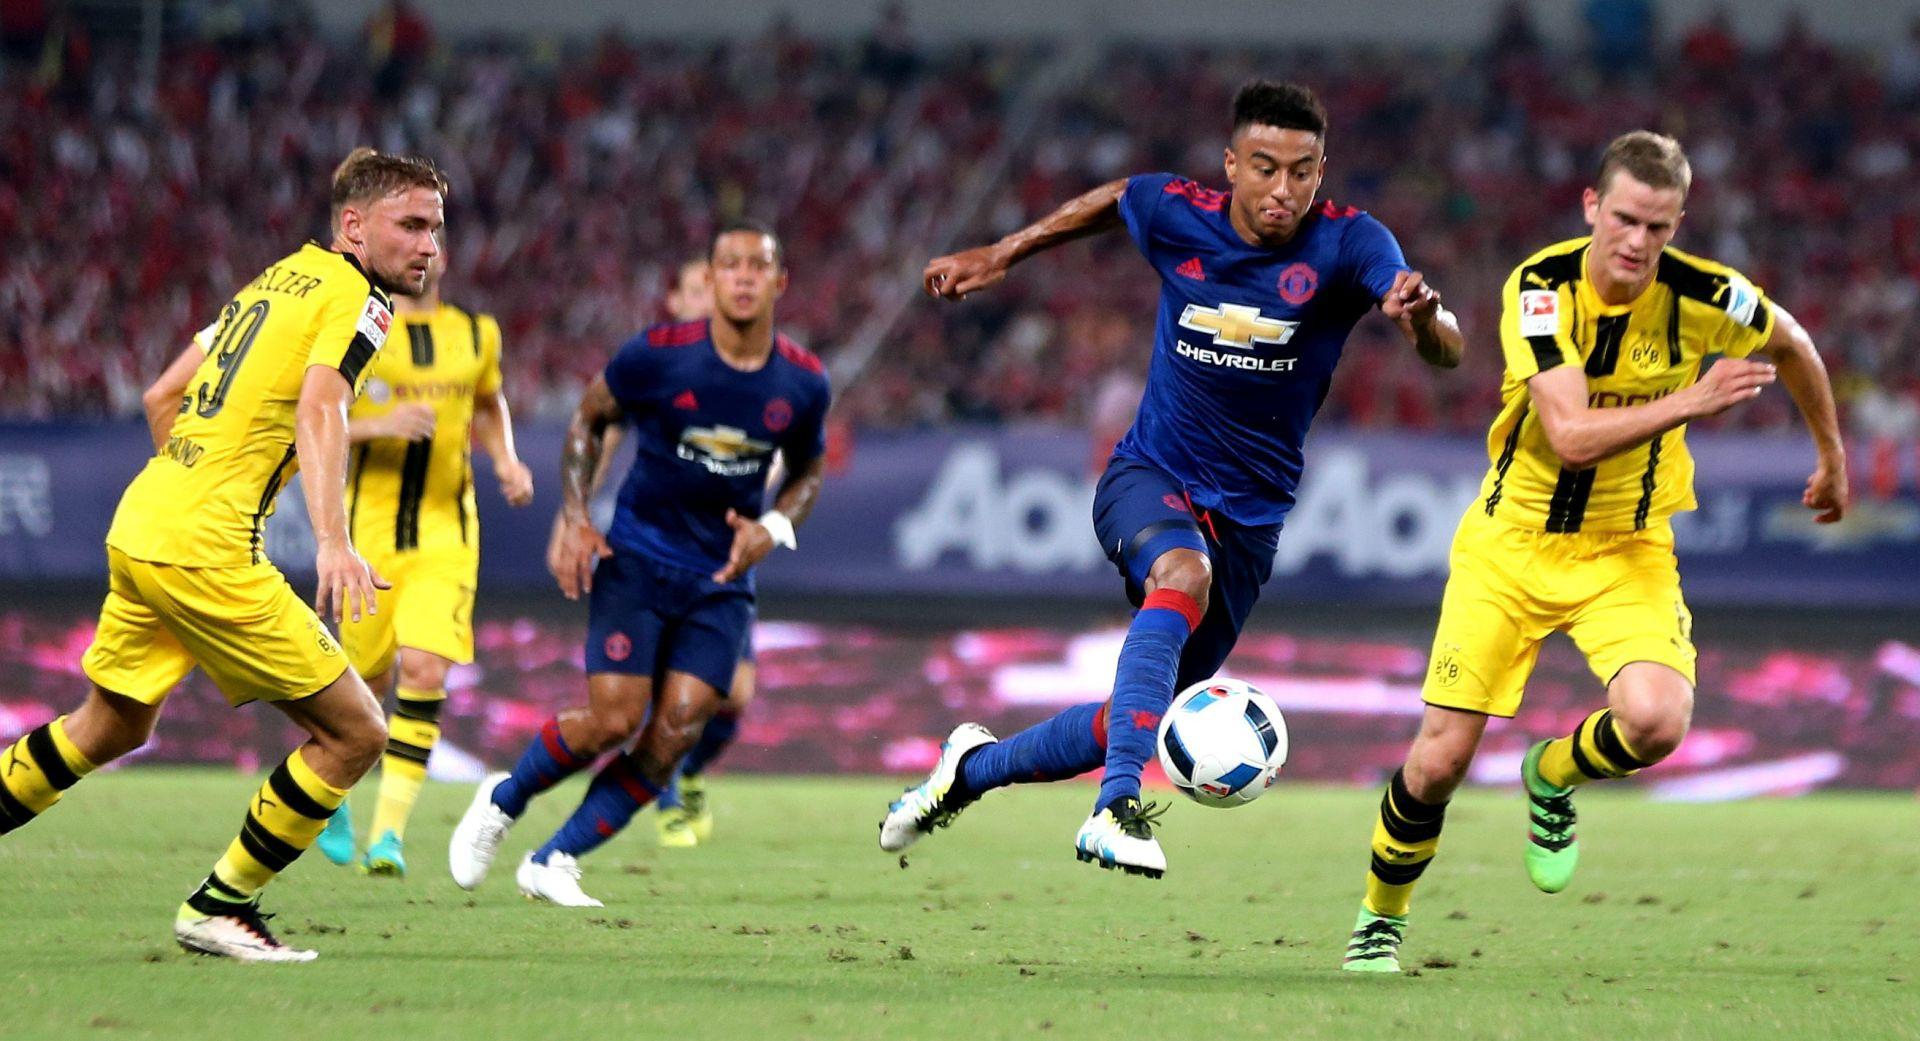 VIDEO: Manchester United doživio visoki poraz od Borussije Dortmund u Šangaju